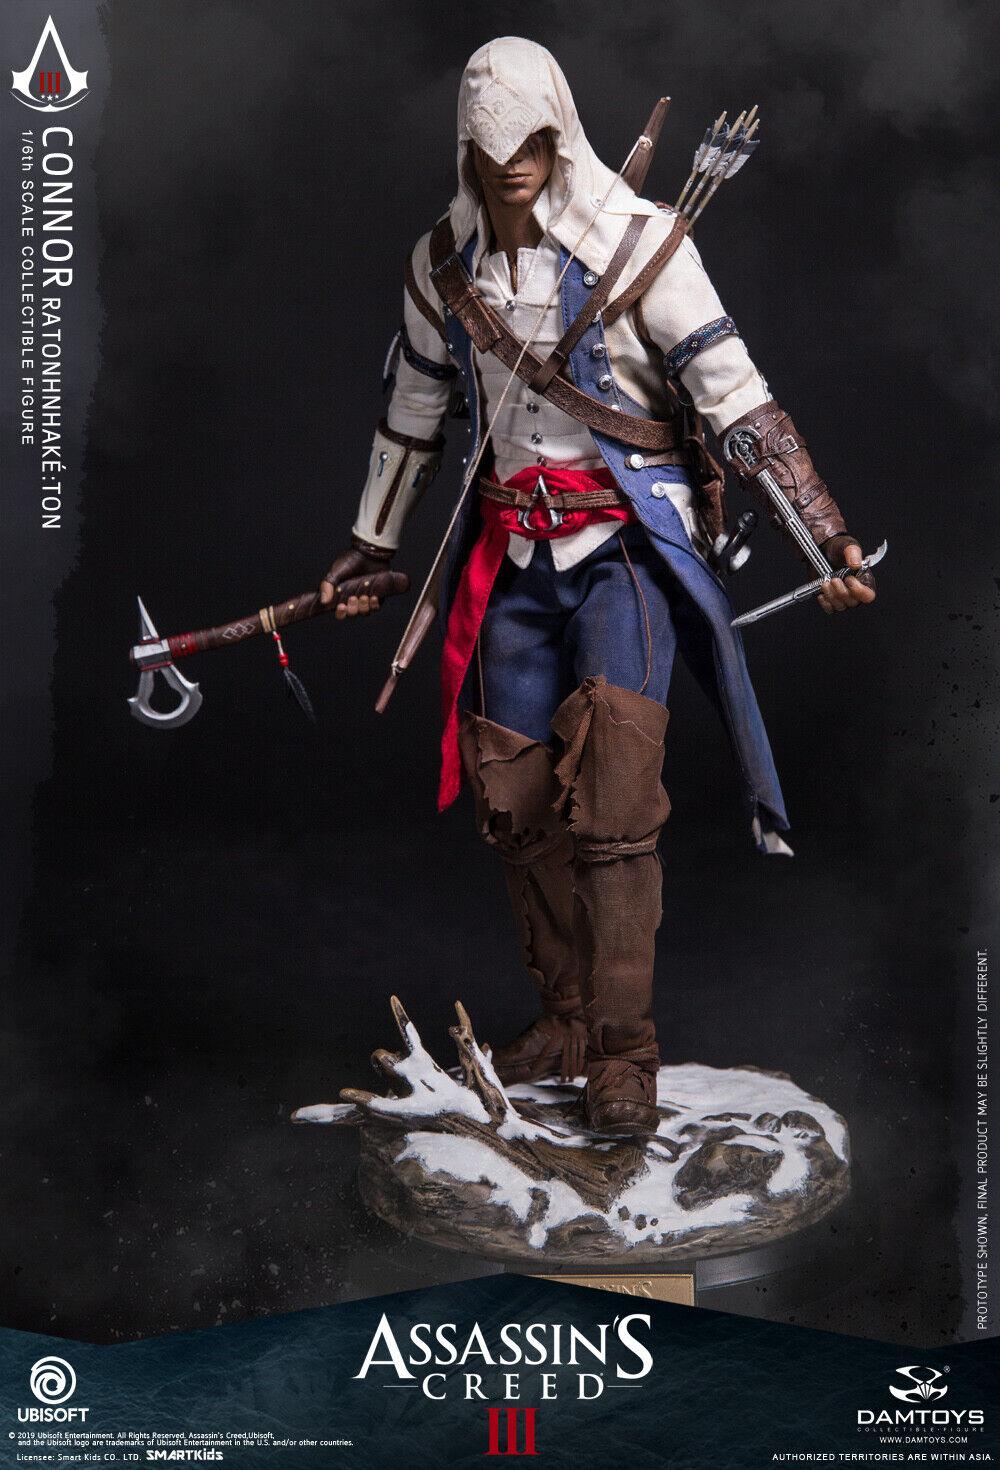 DAMTOYS Assassin's Creed III 1 6th escala Connor figura de colección DMS010